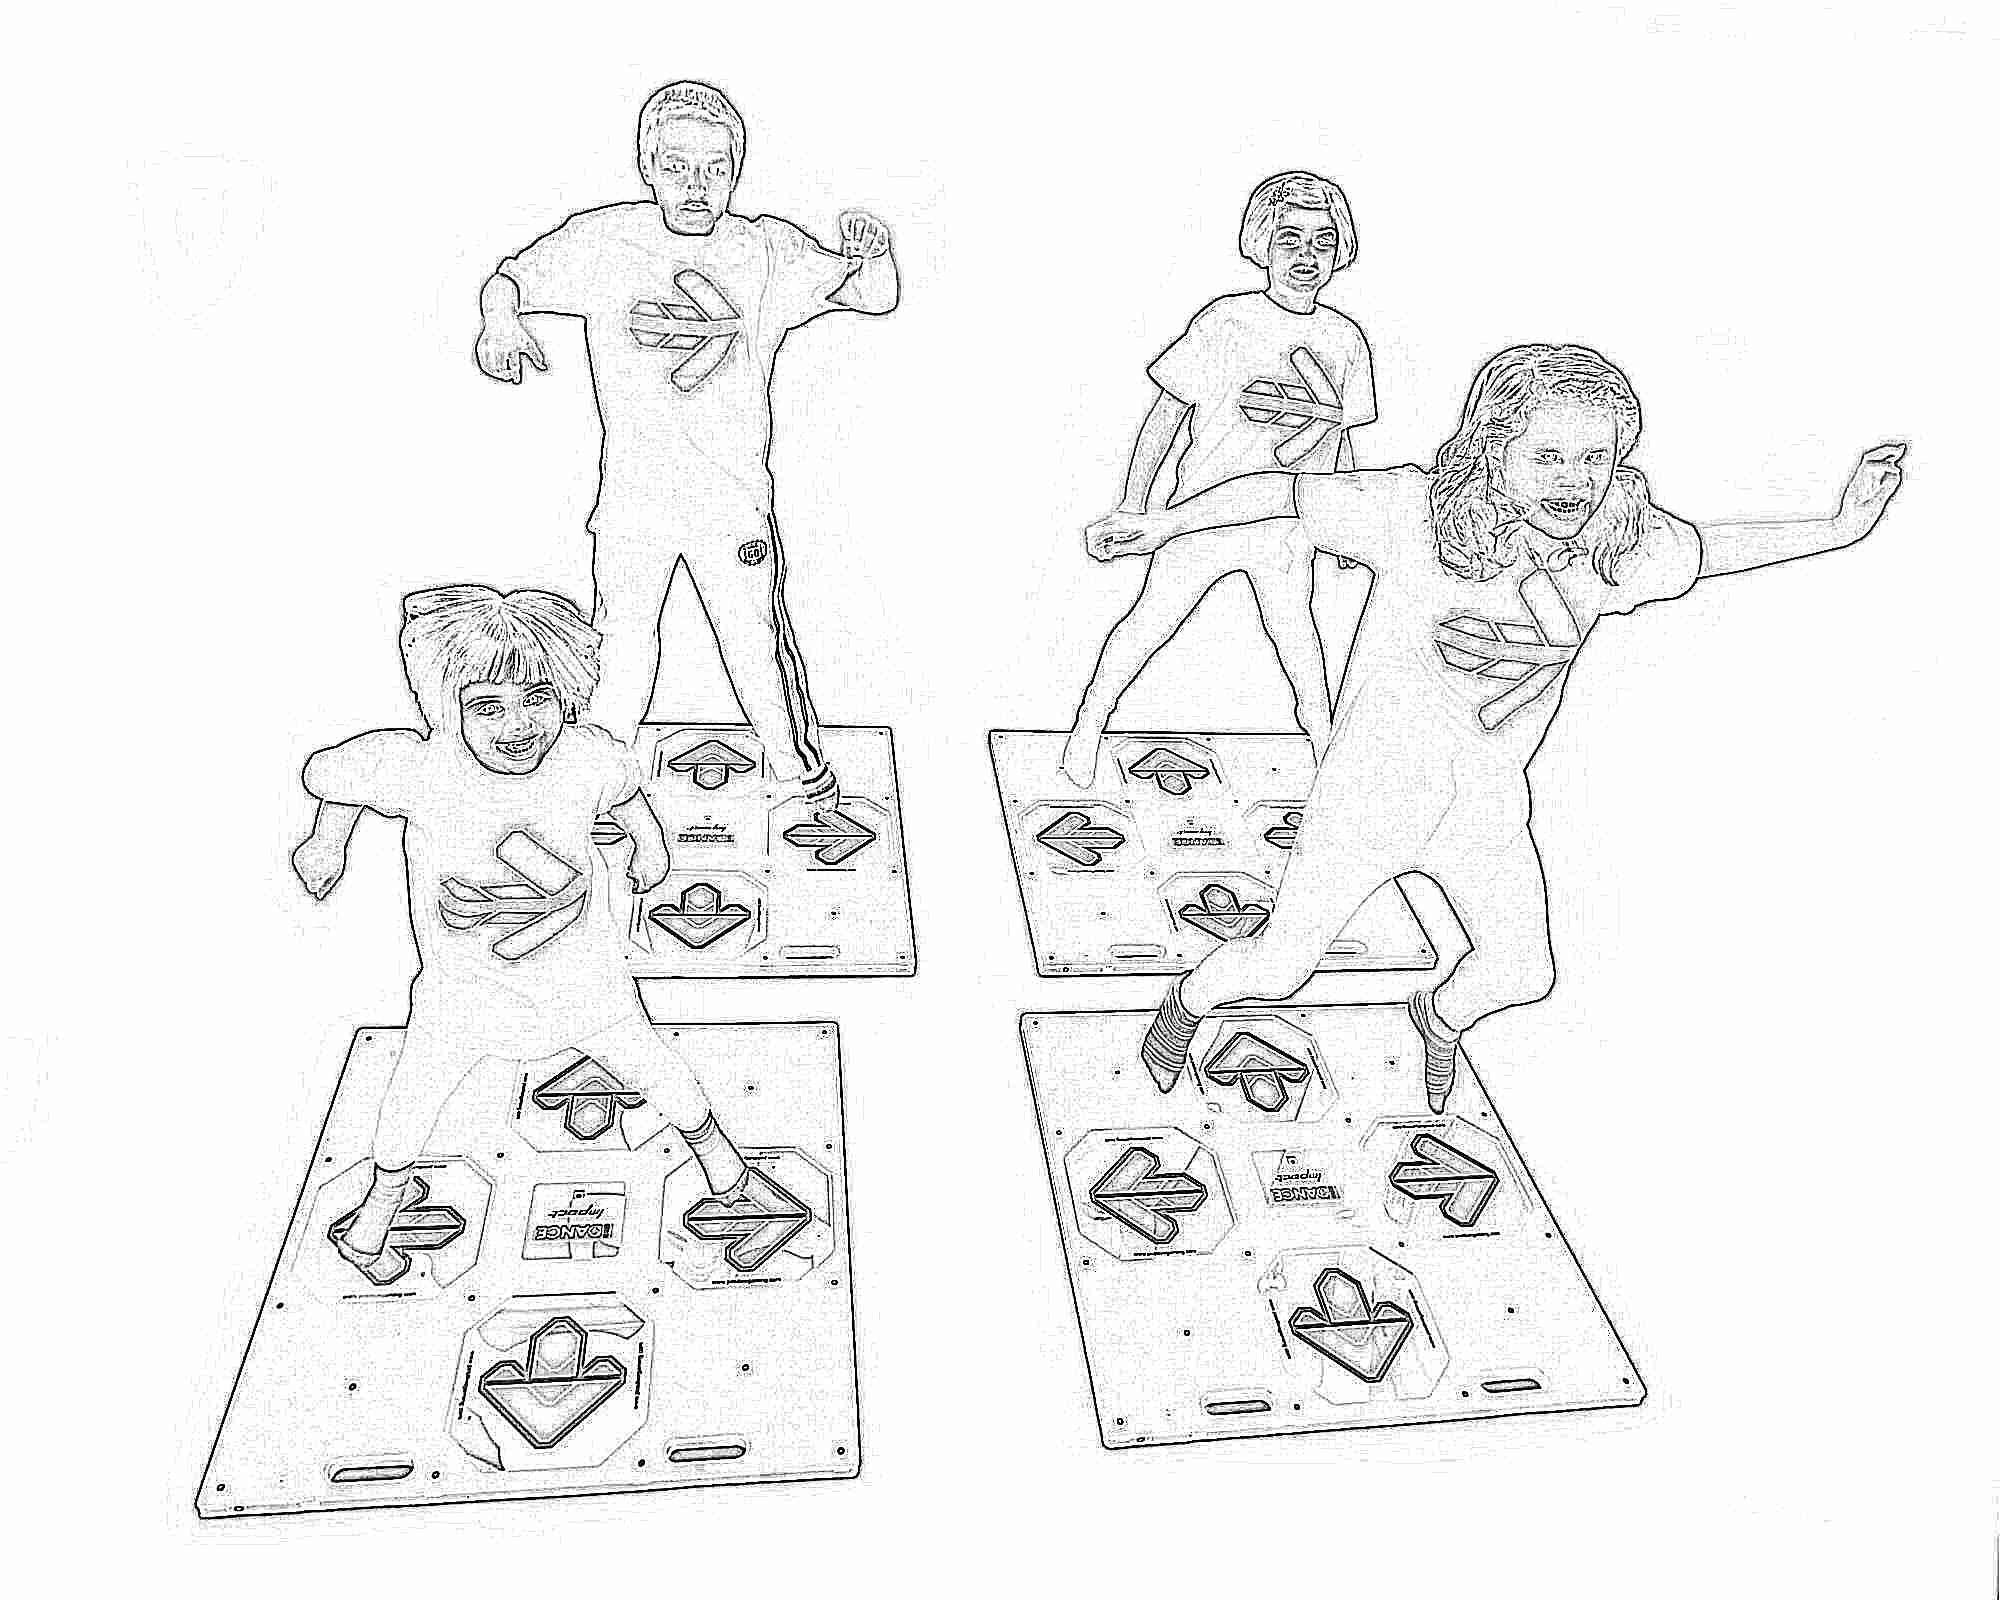 танцевальный коврик к телевизору с играми